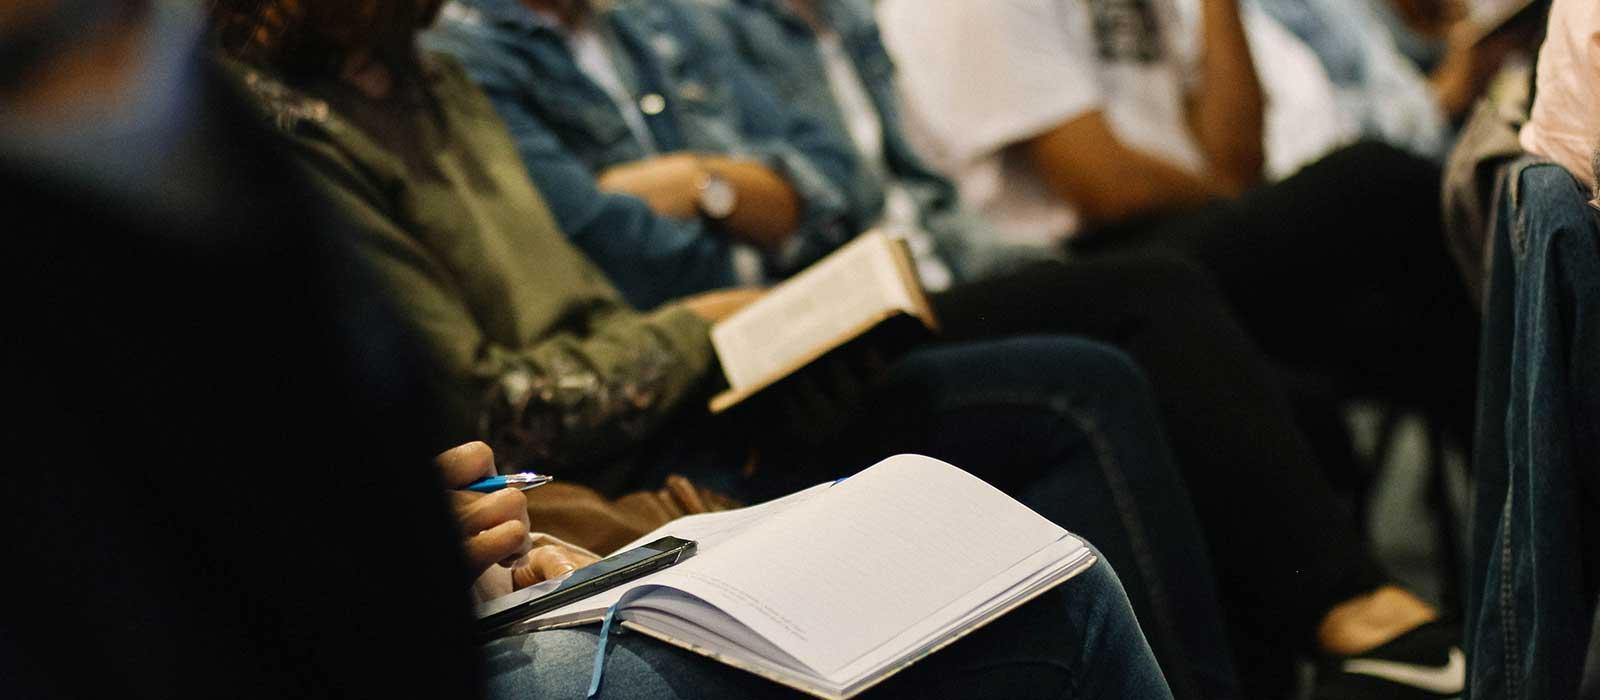 estudiando-la-Biblia-juntos---ministerio-de-iglesia-espanol-en-Camarillo-CA